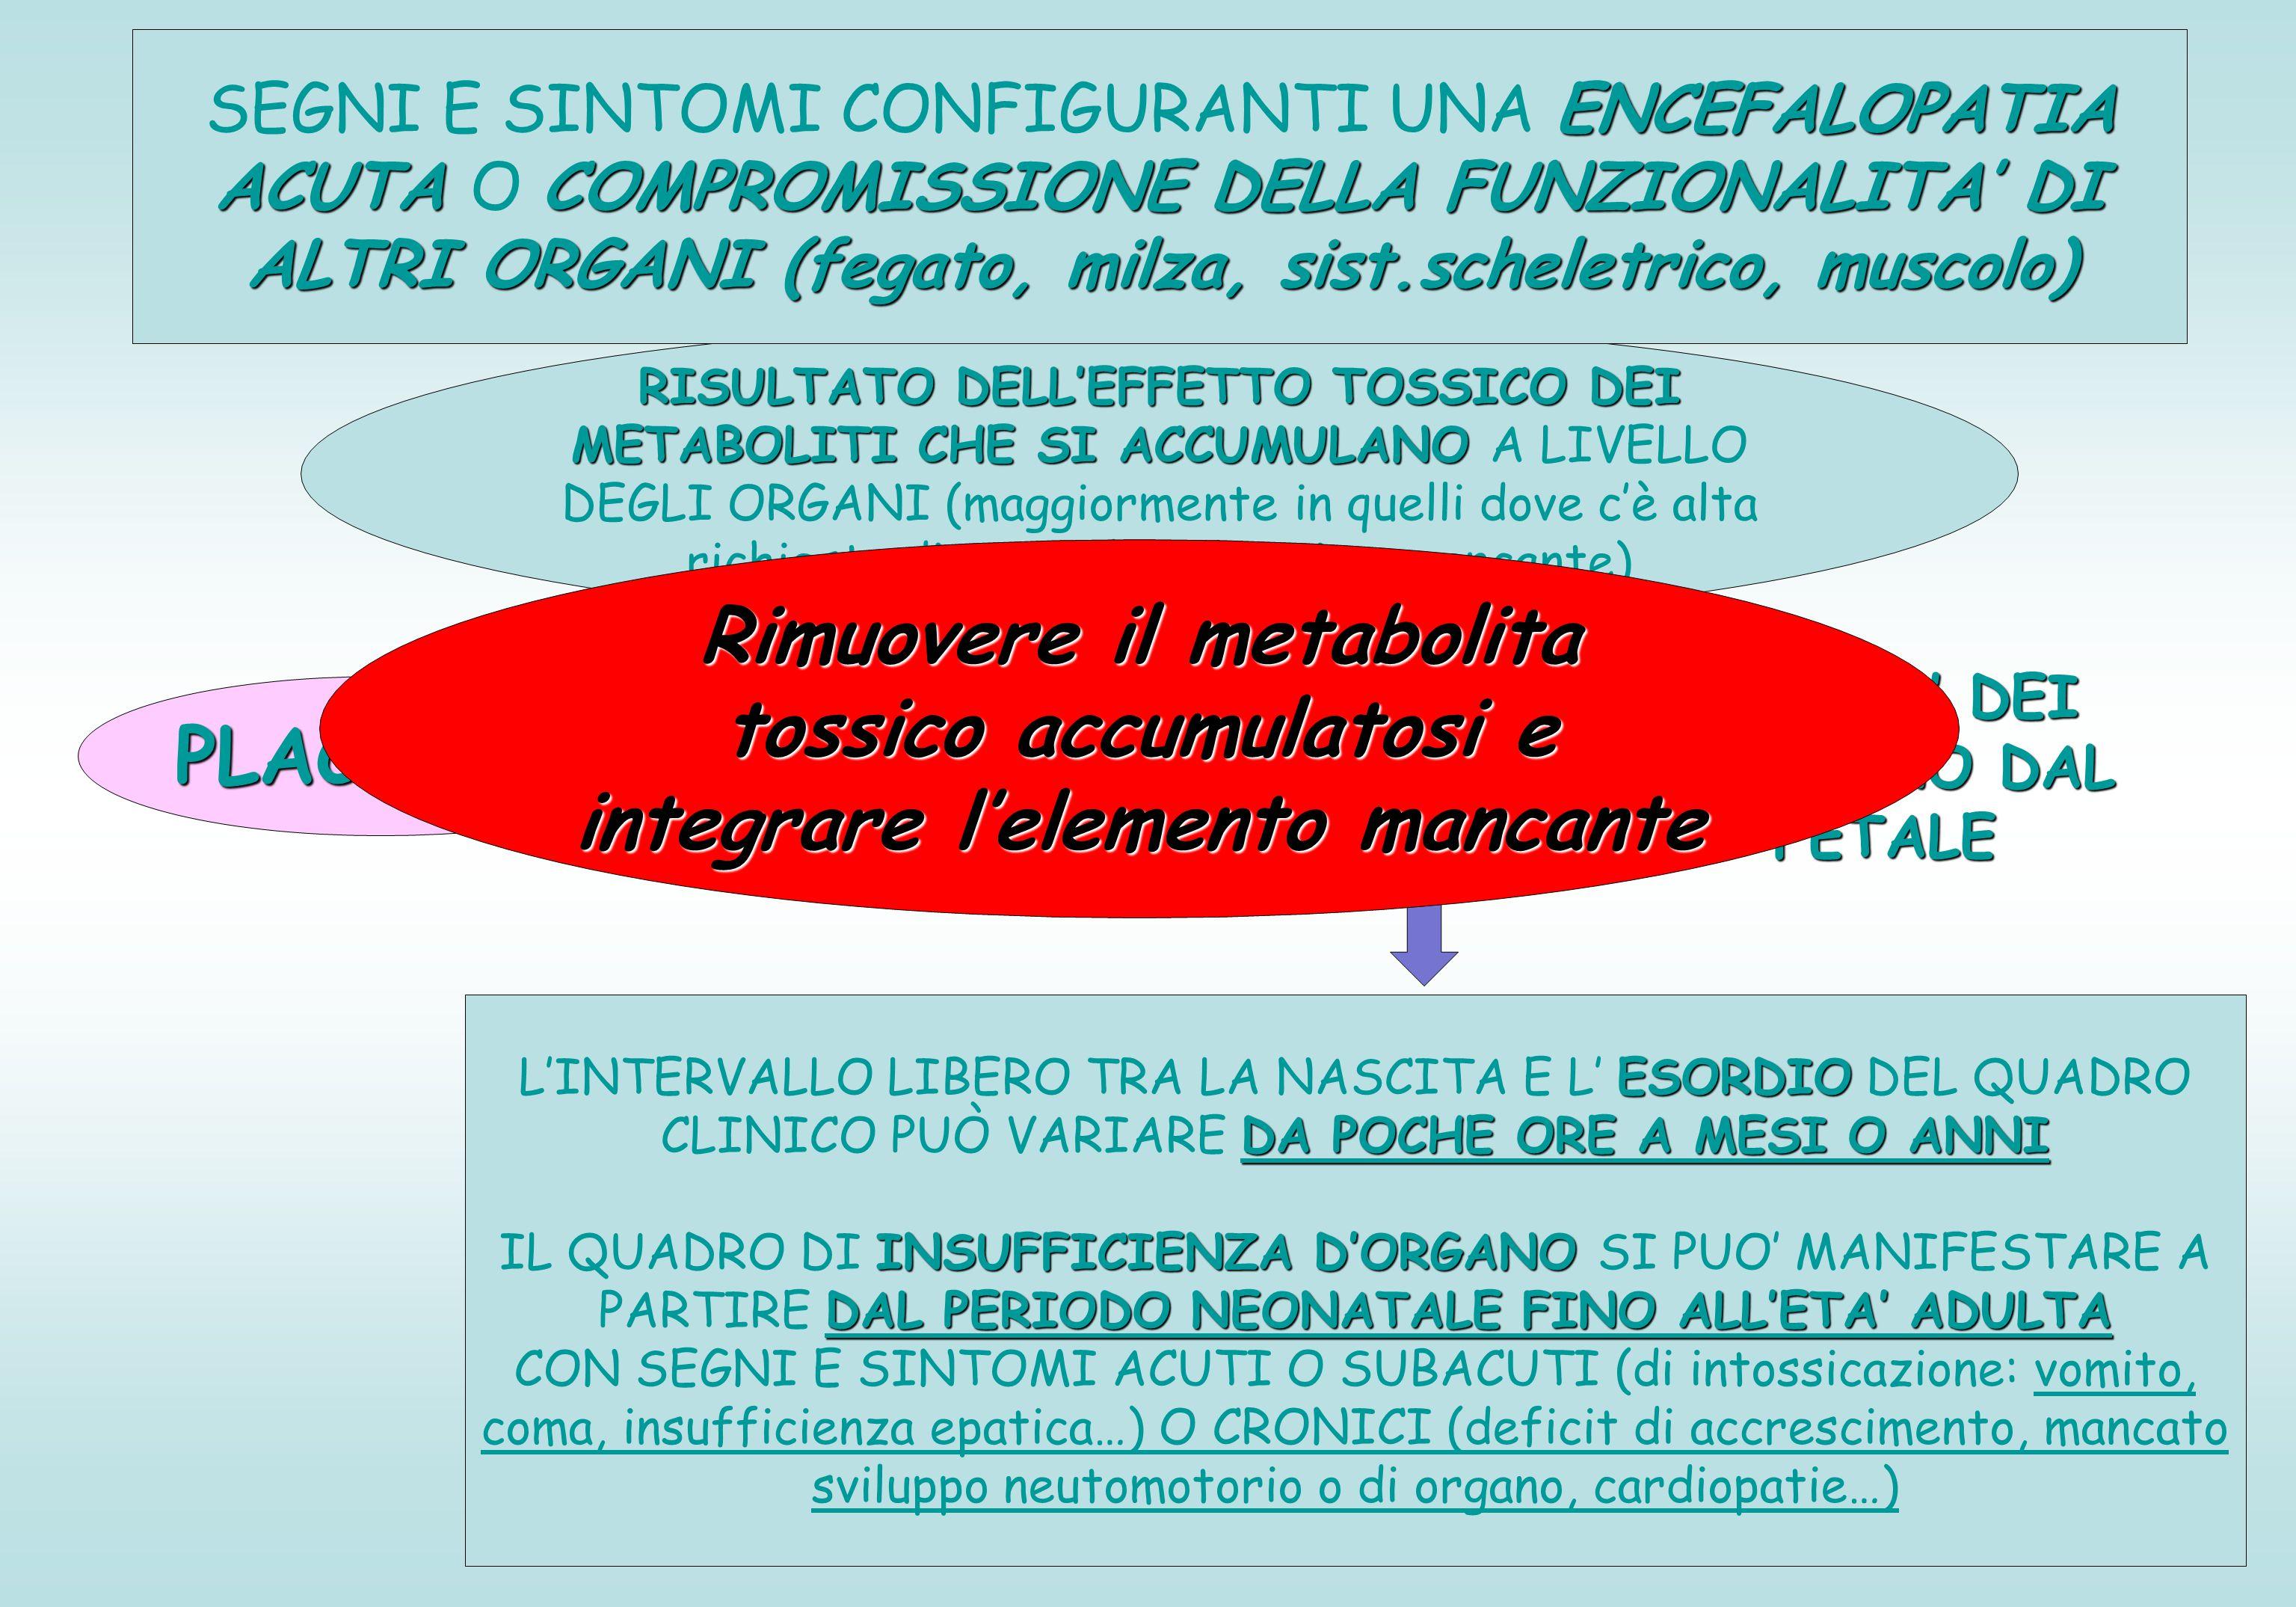 RISULTATO DELL'EFFETTO TOSSICO DEI METABOLITI CHE SI ACCUMULANO RISULTATO DELL'EFFETTO TOSSICO DEI METABOLITI CHE SI ACCUMULANO A LIVELLO DEGLI ORGANI (maggiormente in quelli dove c'è alta richiesta di attività dell'enzima mancante) ENCEFALOPATIA ACUTA COMPROMISSIONE DELLA FUNZIONALITA' DI ALTRI ORGANI (fegato, milza, sist.scheletrico, muscolo) SEGNI E SINTOMI CONFIGURANTI UNA ENCEFALOPATIA ACUTA O COMPROMISSIONE DELLA FUNZIONALITA' DI ALTRI ORGANI (fegato, milza, sist.scheletrico, muscolo) PLACENTA FILTRA LA QUASI TOTALITA' DEI METABOLITI CHE PROVENGONO DAL VERSANTE EMATICO FETALE ESORDIO DA POCHE ORE A MESI O ANNI L'INTERVALLO LIBERO TRA LA NASCITA E L' ESORDIO DEL QUADRO CLINICO PUÒ VARIARE DA POCHE ORE A MESI O ANNI INSUFFICIENZA D'ORGANO DAL PERIODO NEONATALE FINO ALL'ETA' ADULTA IL QUADRO DI INSUFFICIENZA D'ORGANO SI PUO' MANIFESTARE A PARTIRE DAL PERIODO NEONATALE FINO ALL'ETA' ADULTA CON SEGNI E SINTOMI ACUTI O SUBACUTI (di intossicazione: vomito, coma, insufficienza epatica…) O CRONICI (deficit di accrescimento, mancato sviluppo neutomotorio o di organo, cardiopatie…) Rimuovere il metabolita tossico accumulatosi e integrare l'elemento mancante